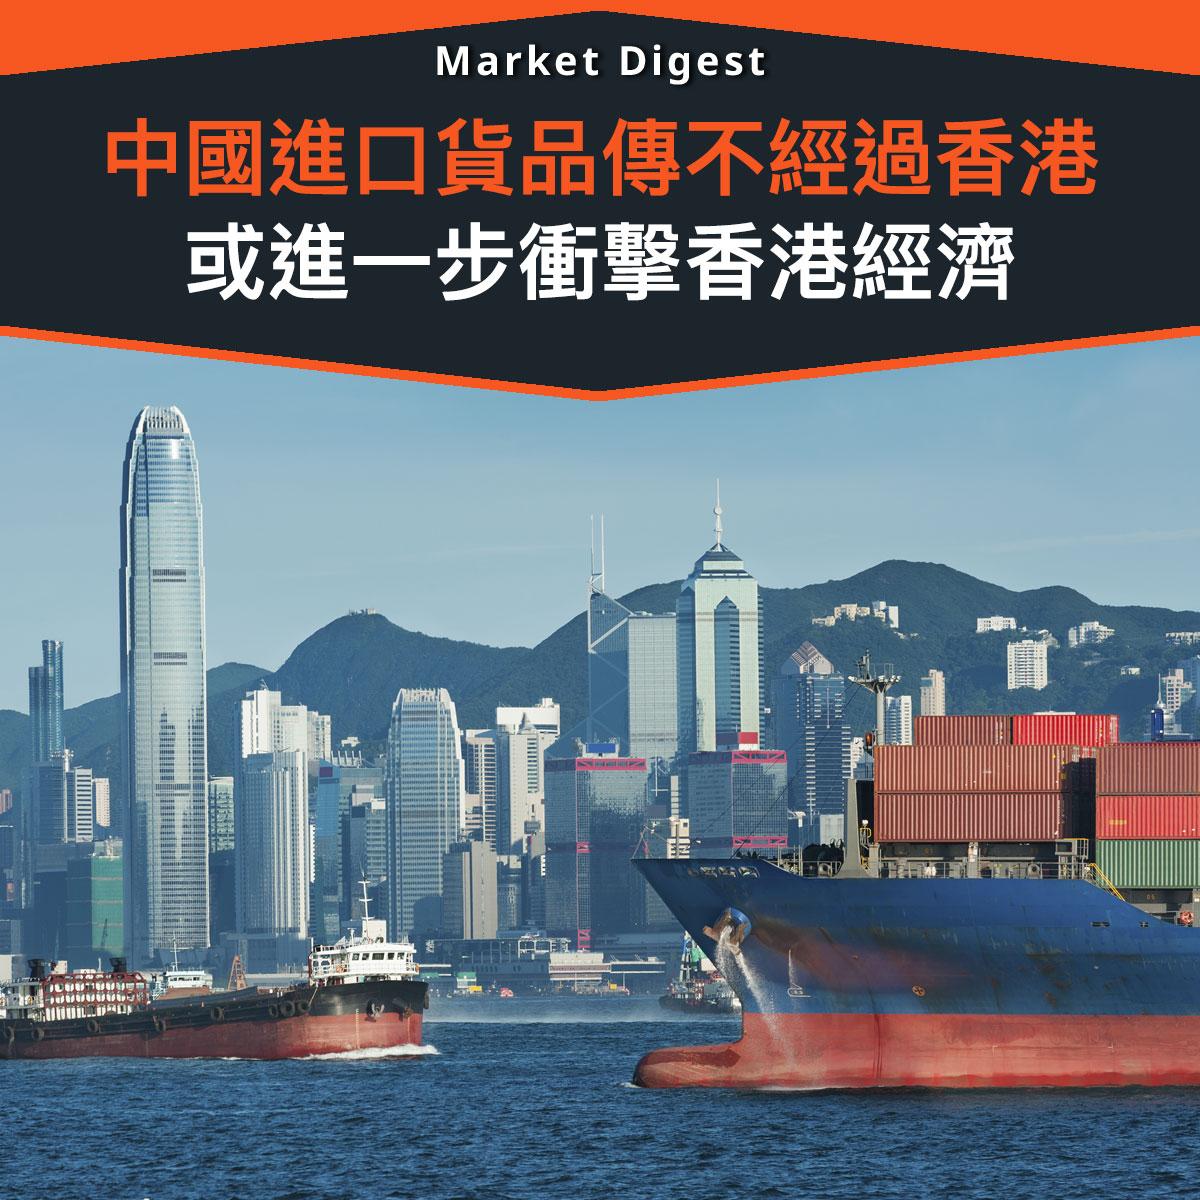 【市場熱話】中國進口貨品傳不經過香港,進一步衝擊香港經濟